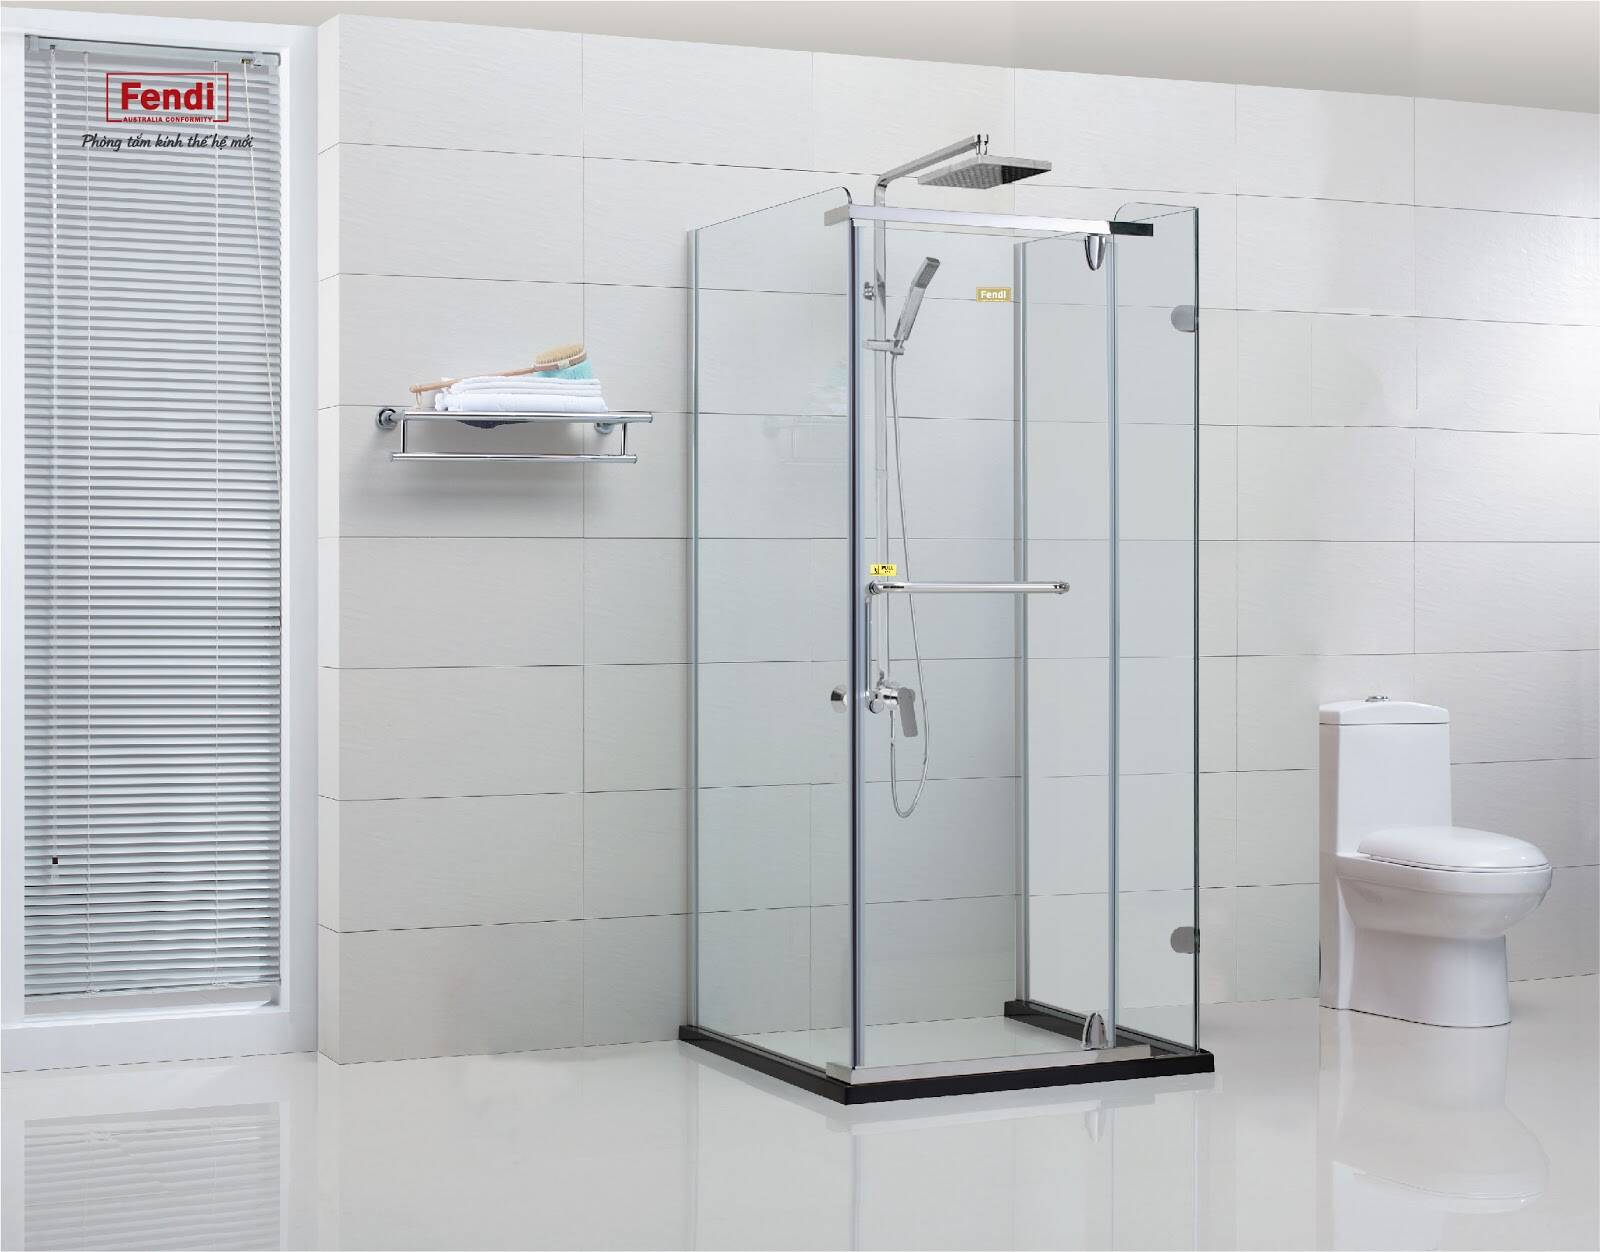 Phòng tắm kính Fendi sử dụng phụ kiện đồng bộ cao cấp, được thiết kế hợp lý đóng mở nhẹ nhàng dễ dàng, không rung lắc